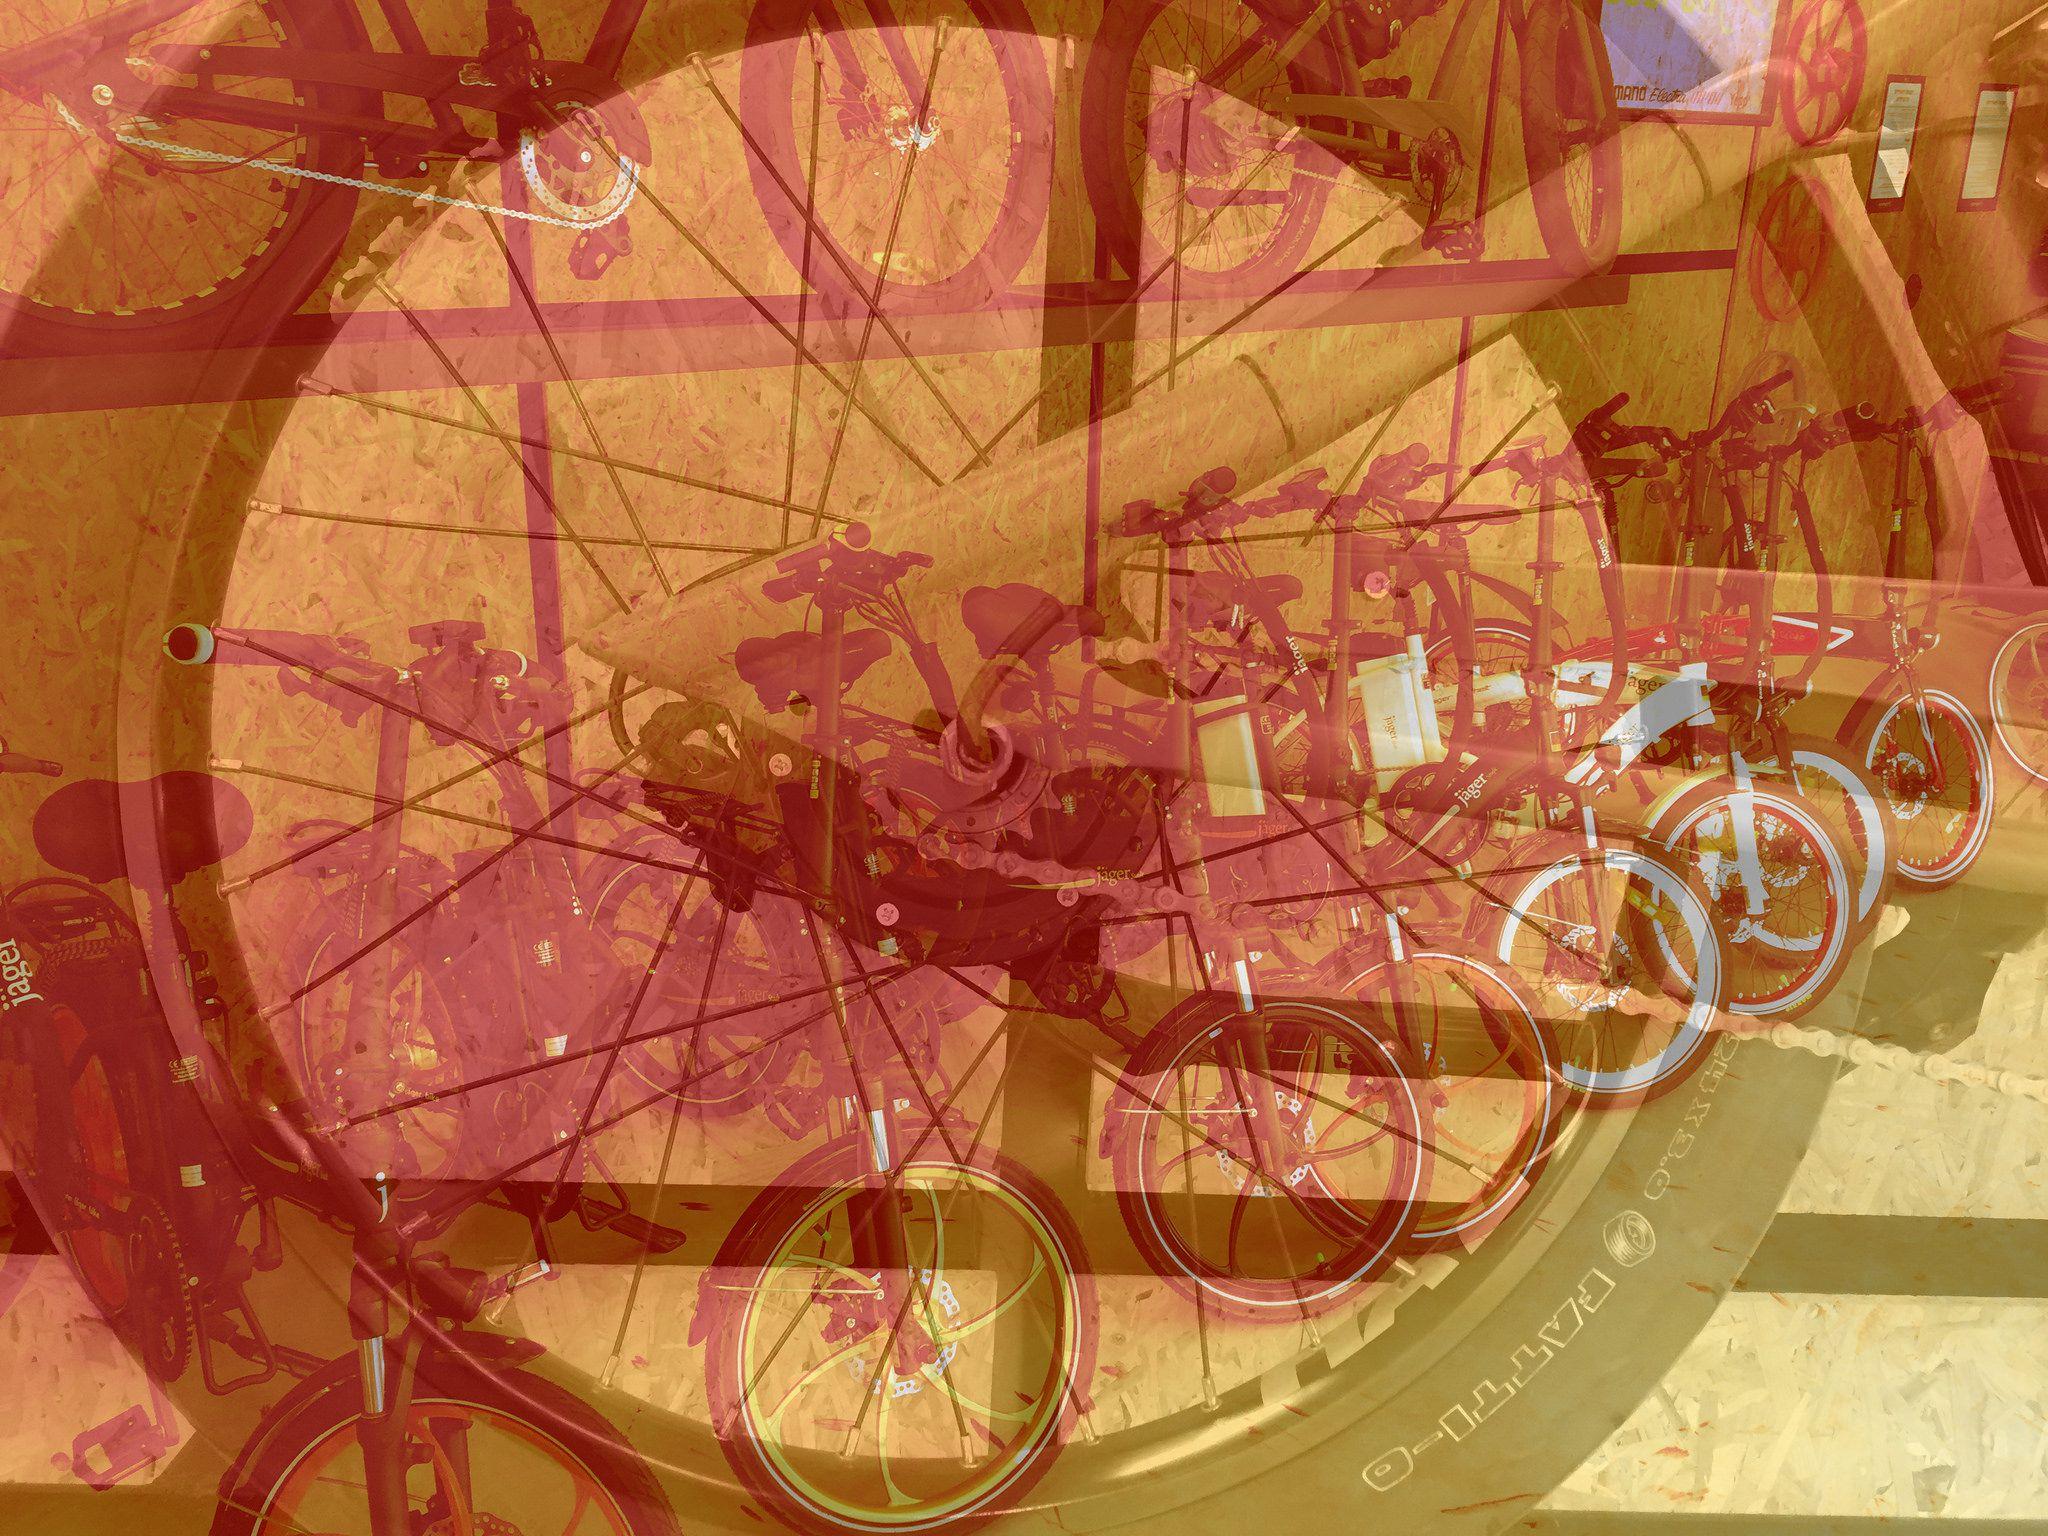 https://flic.kr/p/NhQbnV | אופניים חשמליות בעיצוב מושלם